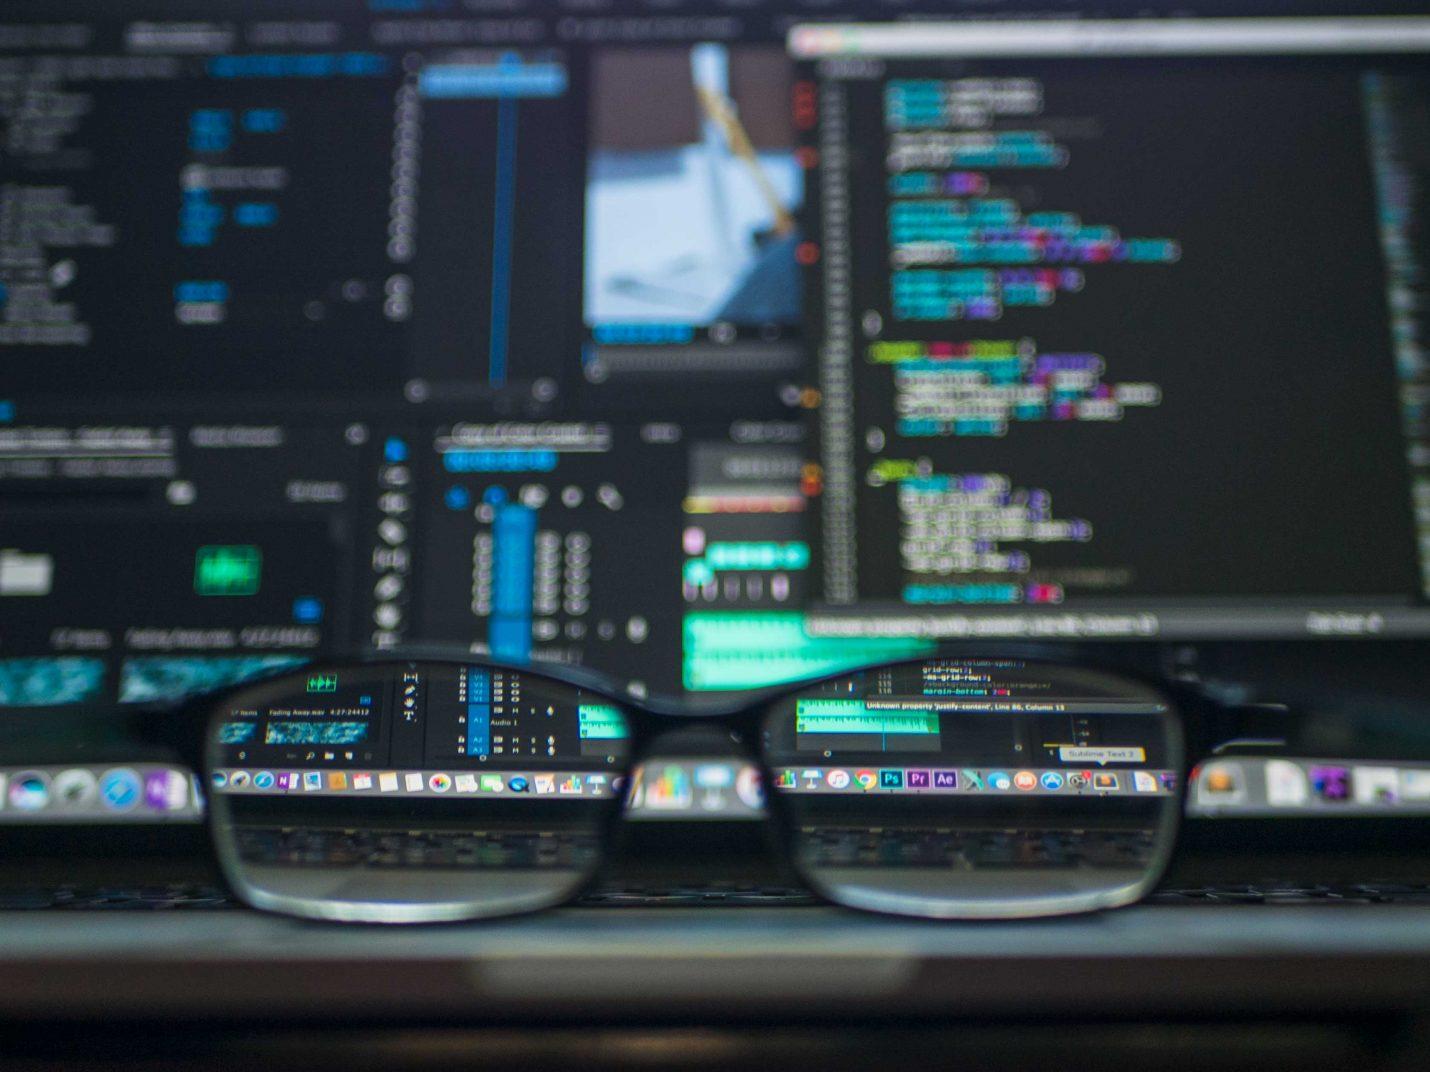 Die EU-Datenschutzgrundverordnung 2018 (EU-DSGVO) – was ändert sich für Unternehmen und welche Auswirkungen hat dies für HR Manager?